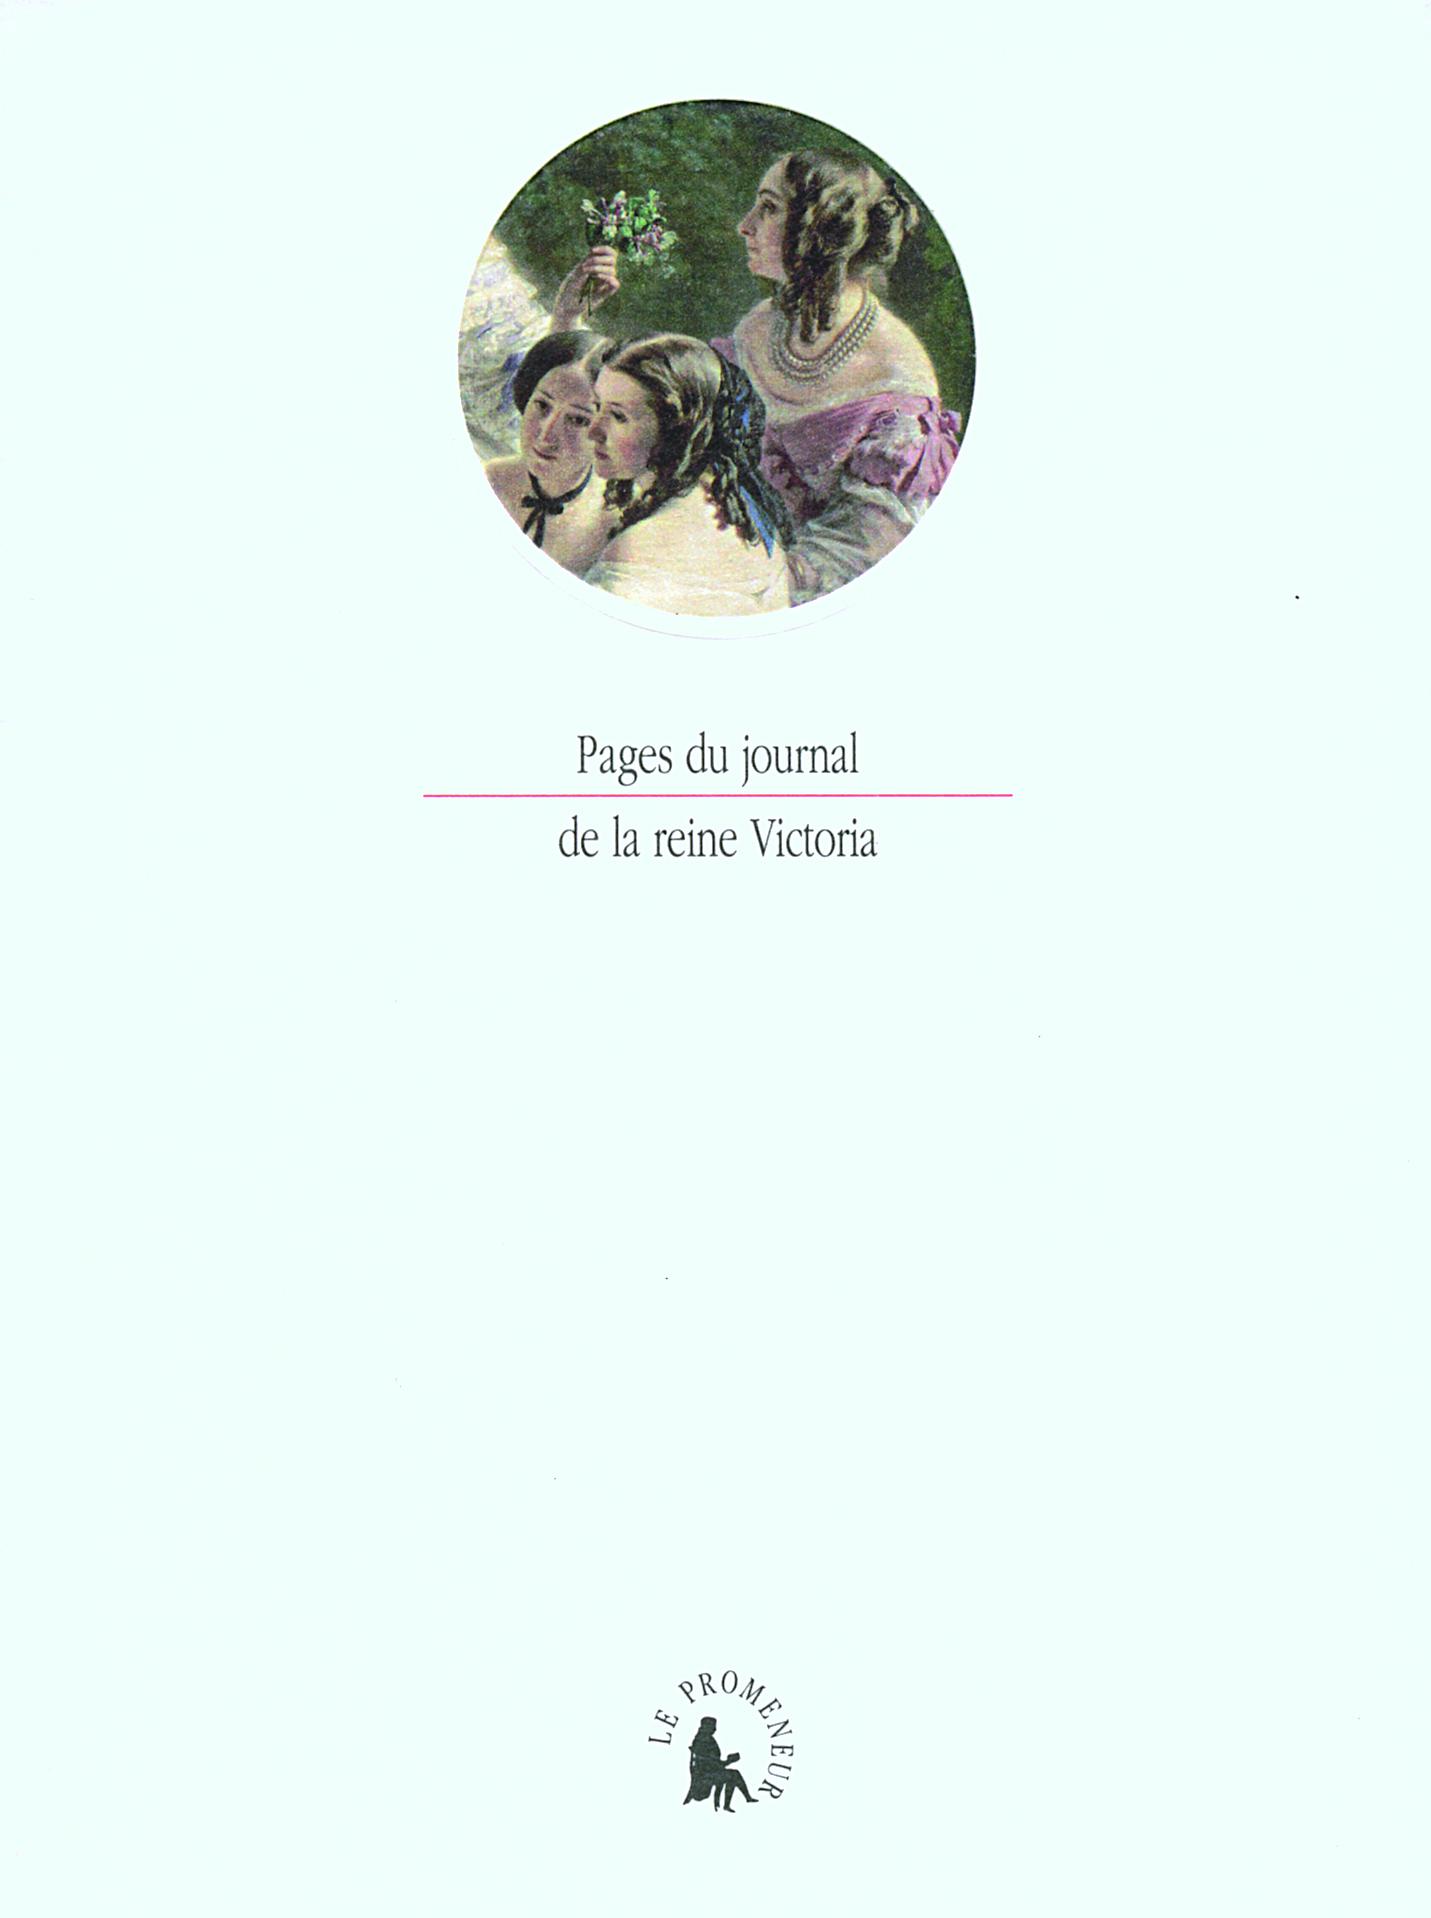 PAGES DU JOURNAL DE LA REINE VICTORIA SOUVENIRS D'UN SEJOUR A PARIS EN 1855